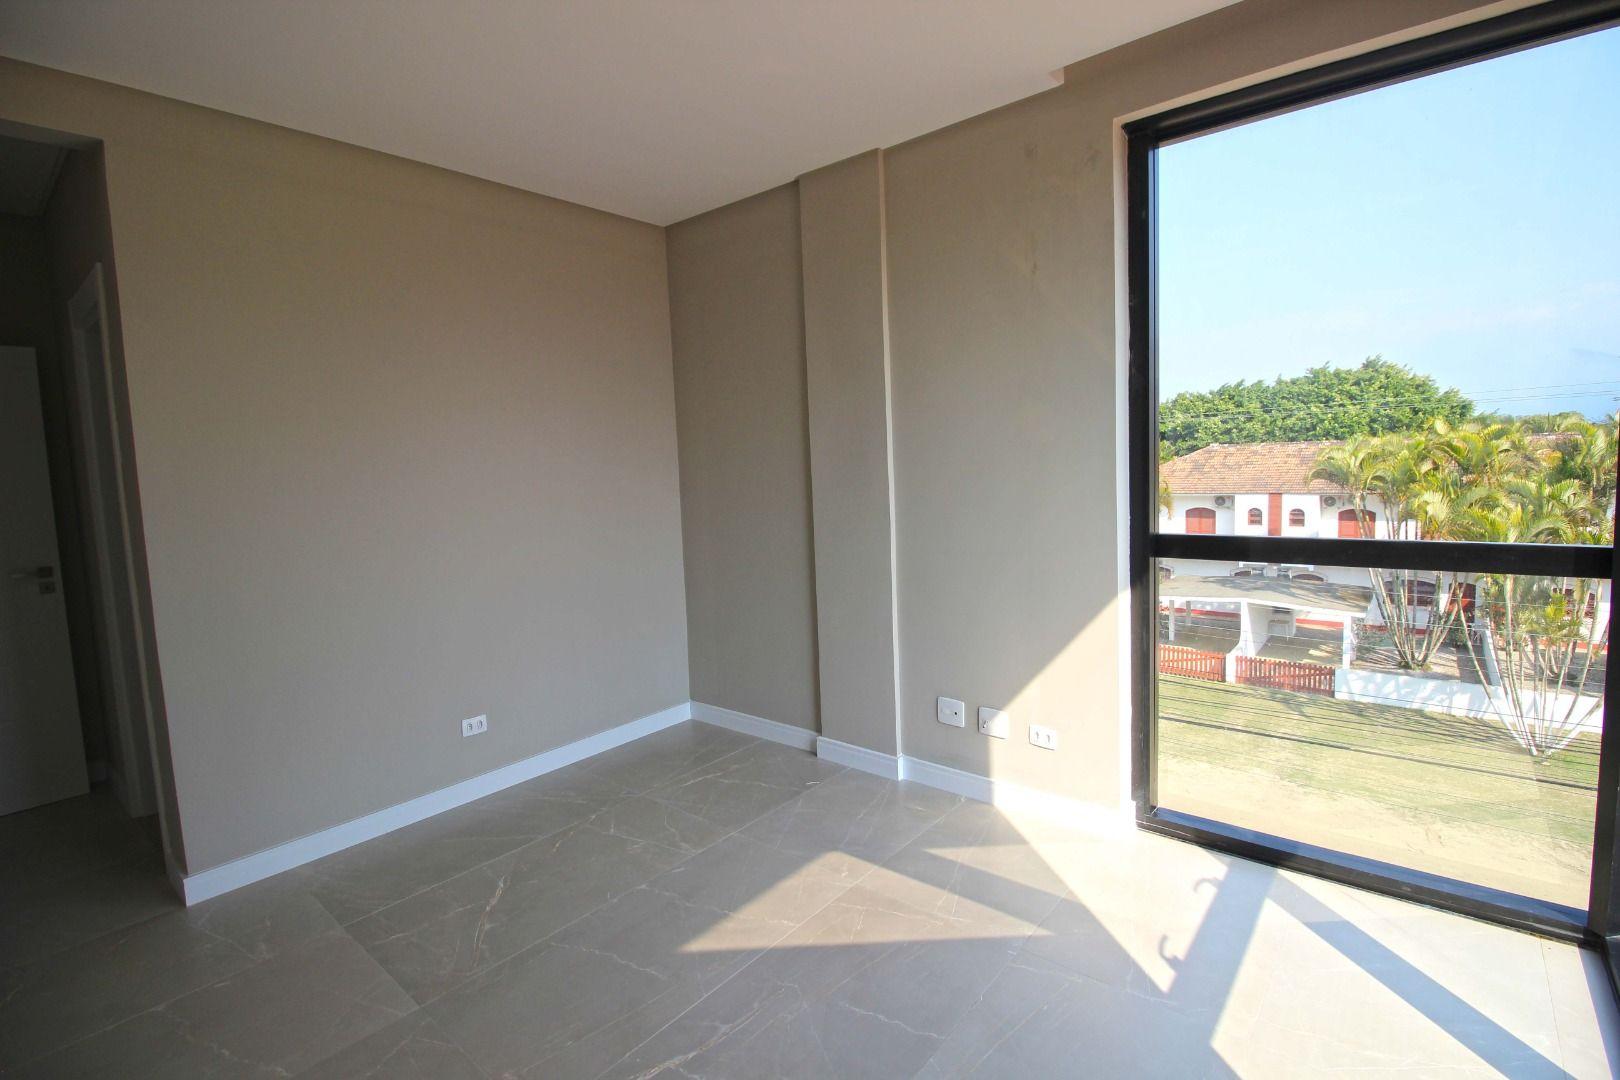 Apartamento com 3 Dormitórios à venda, 137 m² por R$ 840.000,00